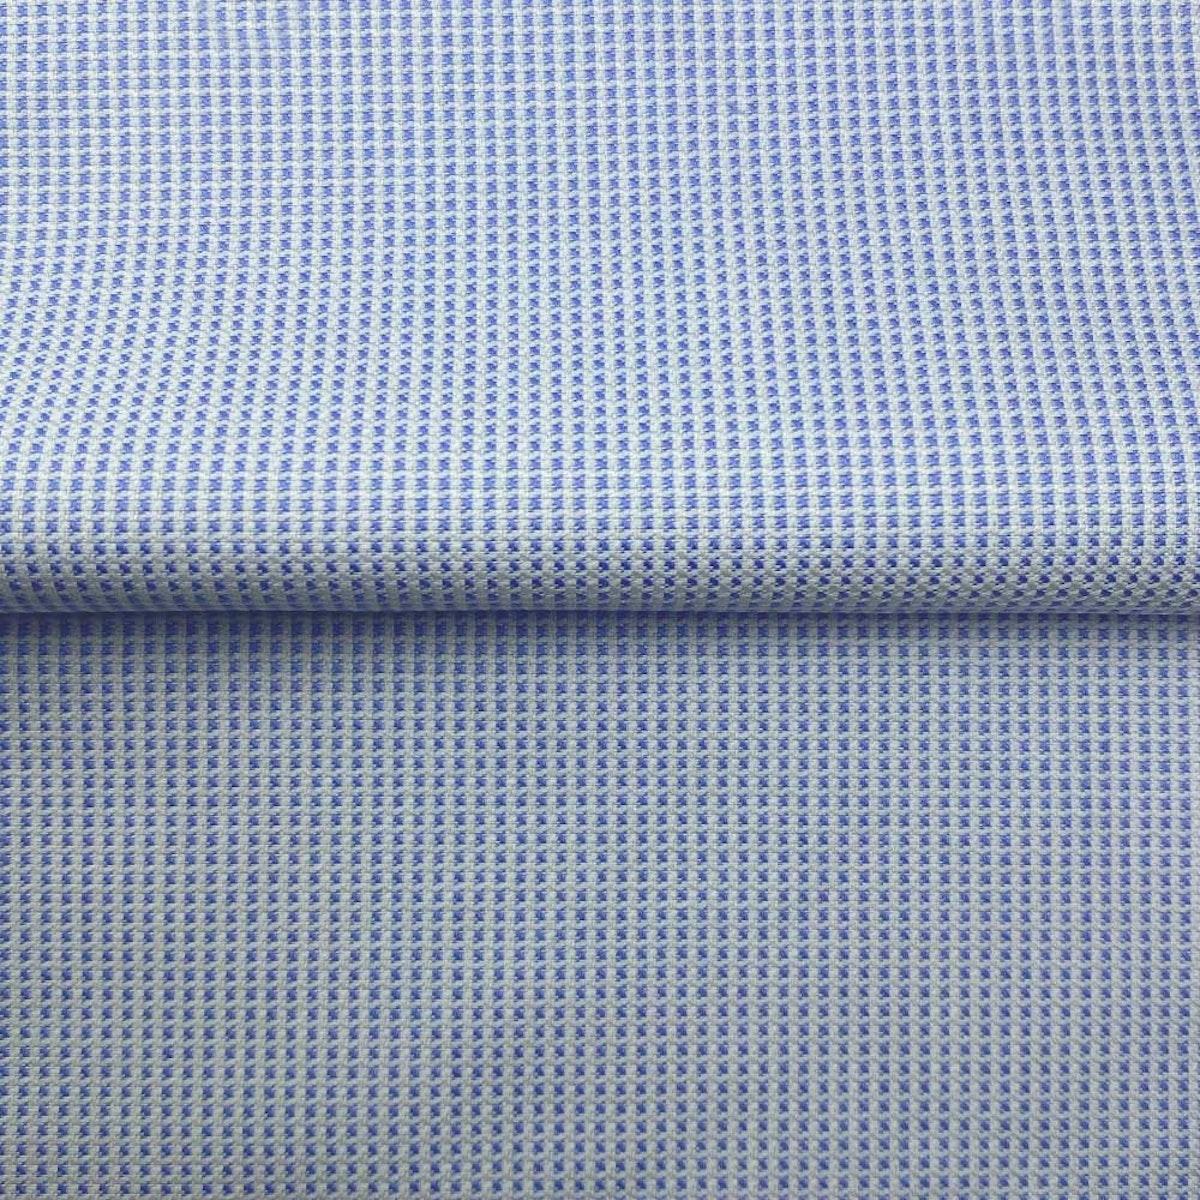 InStitchu Shirt Fabric 45